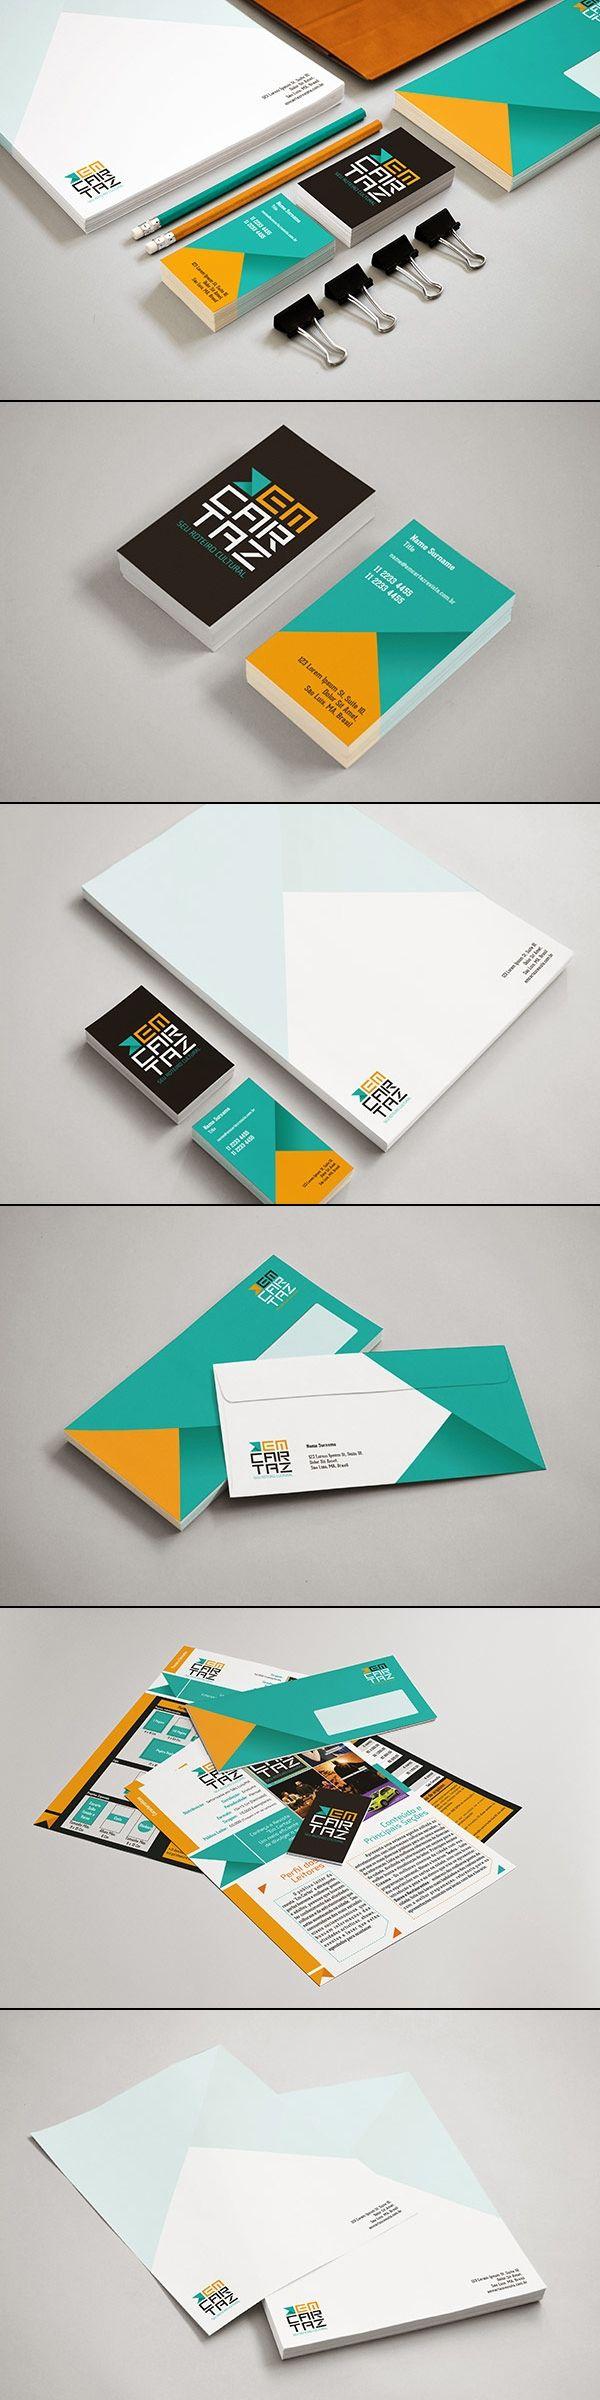 Em Cartaz – Corporate Design by Kempeli Design e Comunicação